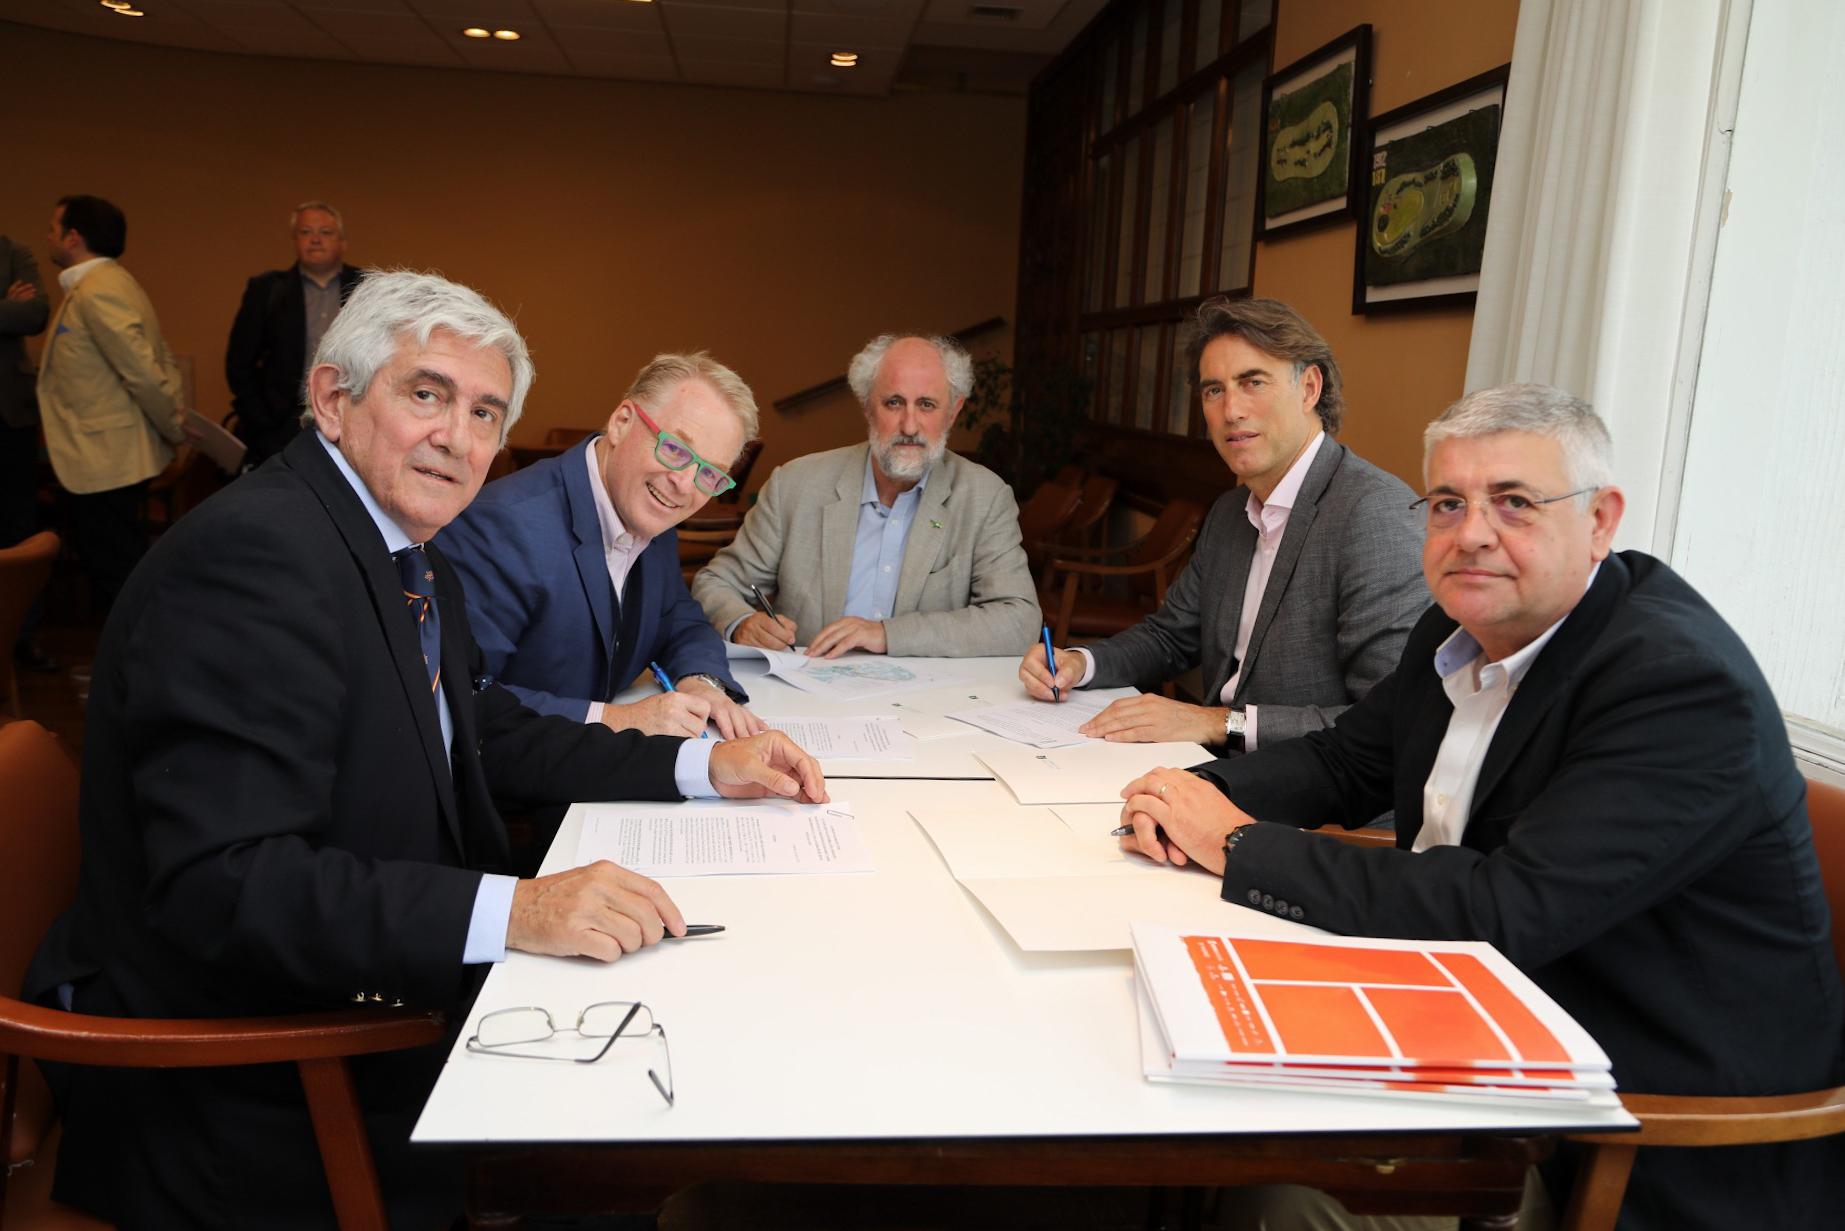 Gonzaga Escauriaza, Keith Pelley, Luis Cueto, Gerard Tsobanian y Jaime López en la firma del contrato en la Sala del Consejo de Administración del Club de Campo. Foto: Miguel Ros